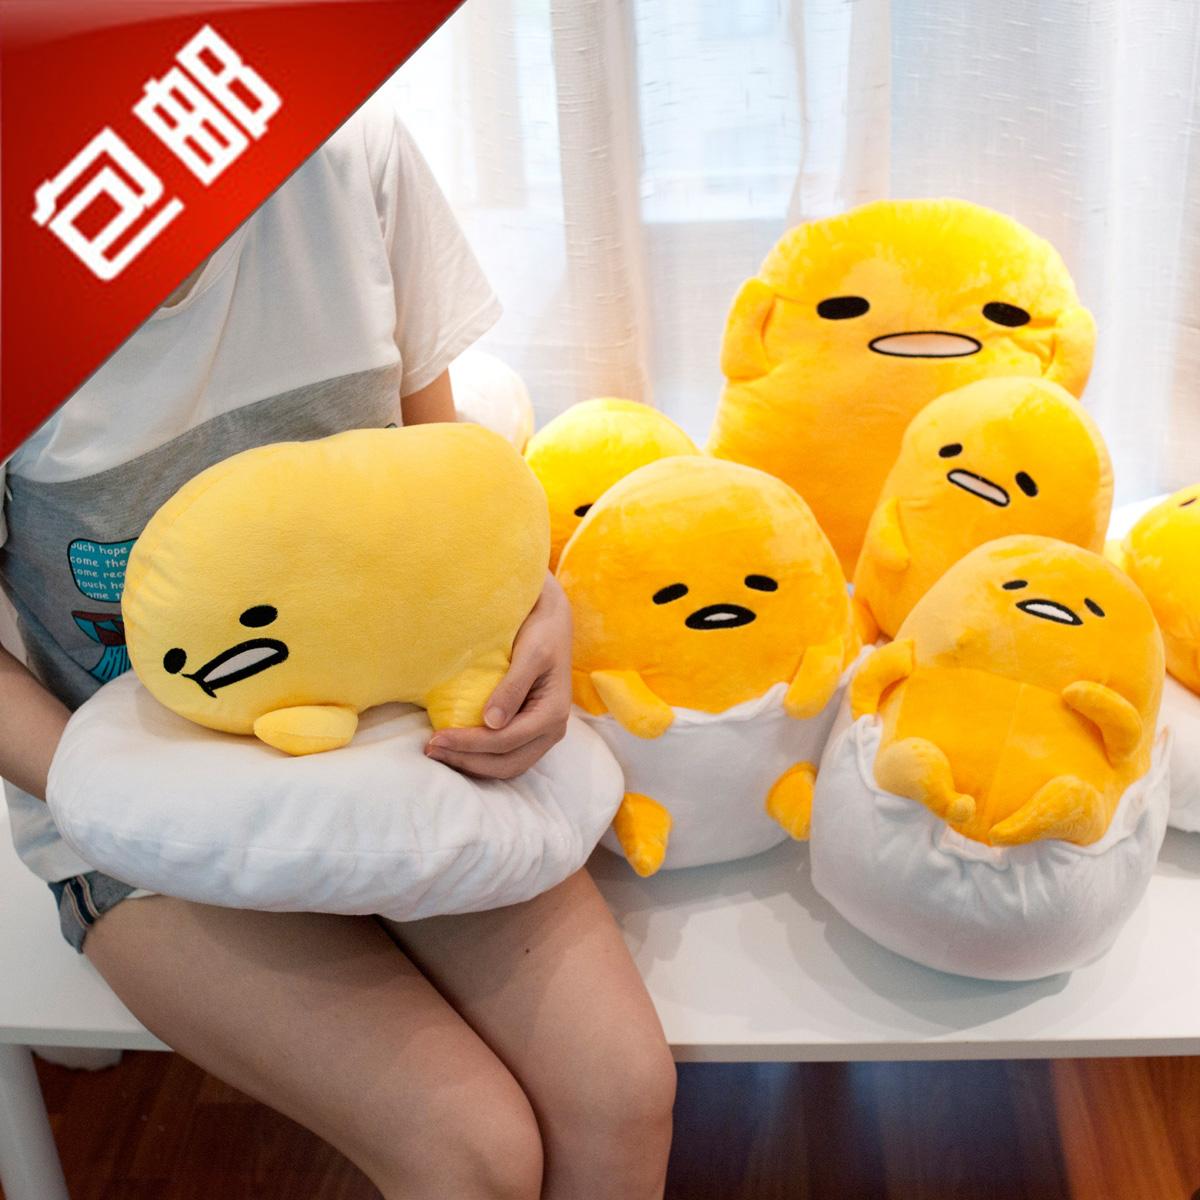 Мягкая игрушка Японские шарики июня gudetama ленивый яйцо куклы куклы желток июня ленивый яйцо выбрасывает желтки, брат гребень, чем яйцо